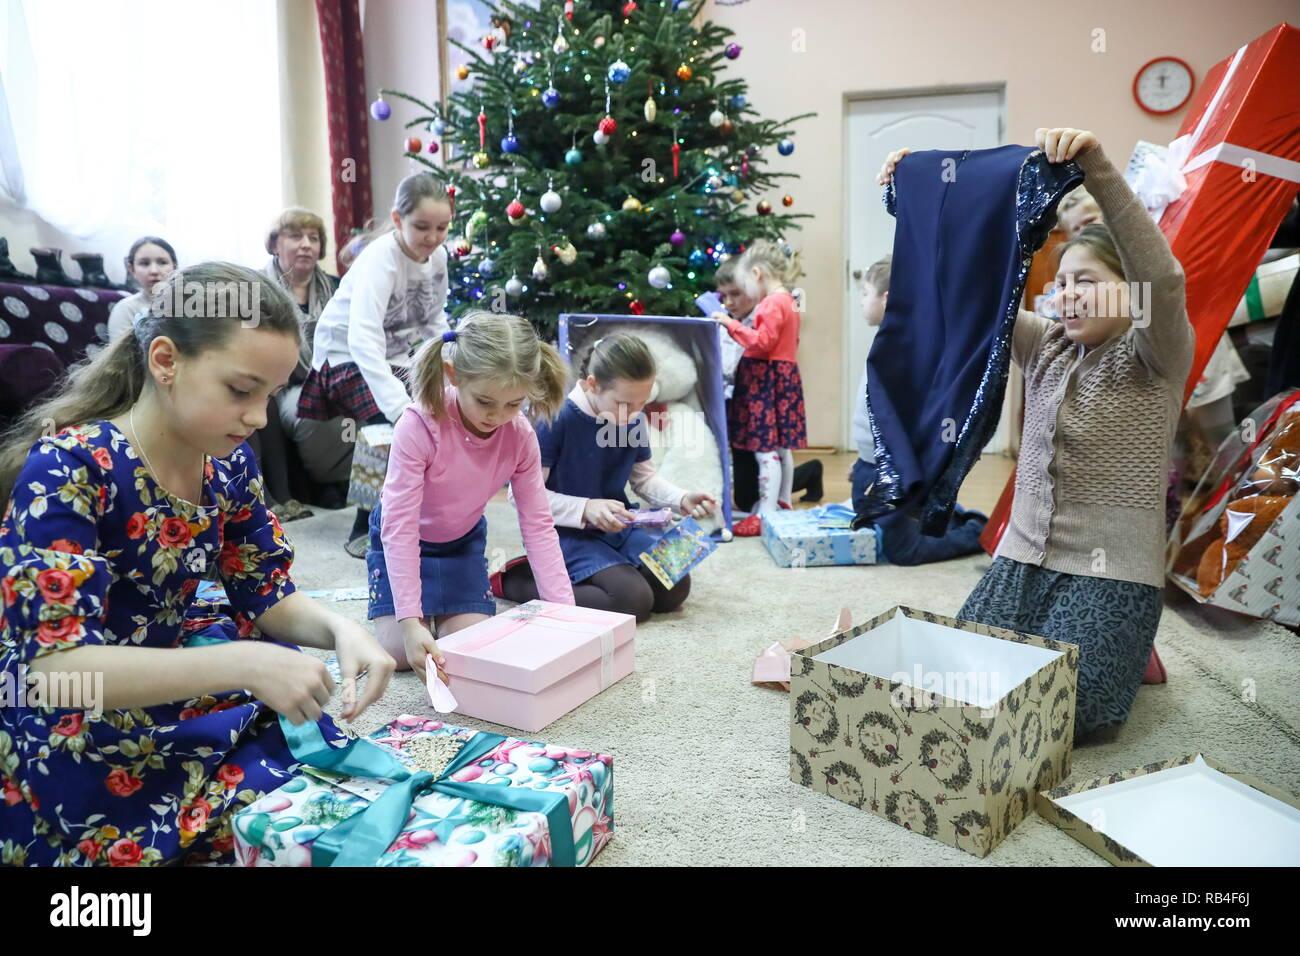 Weihnachtsfeier Im Januar.Region Moskau 7 Januar 2019 Kinder Während Einer Weihnachtsfeier